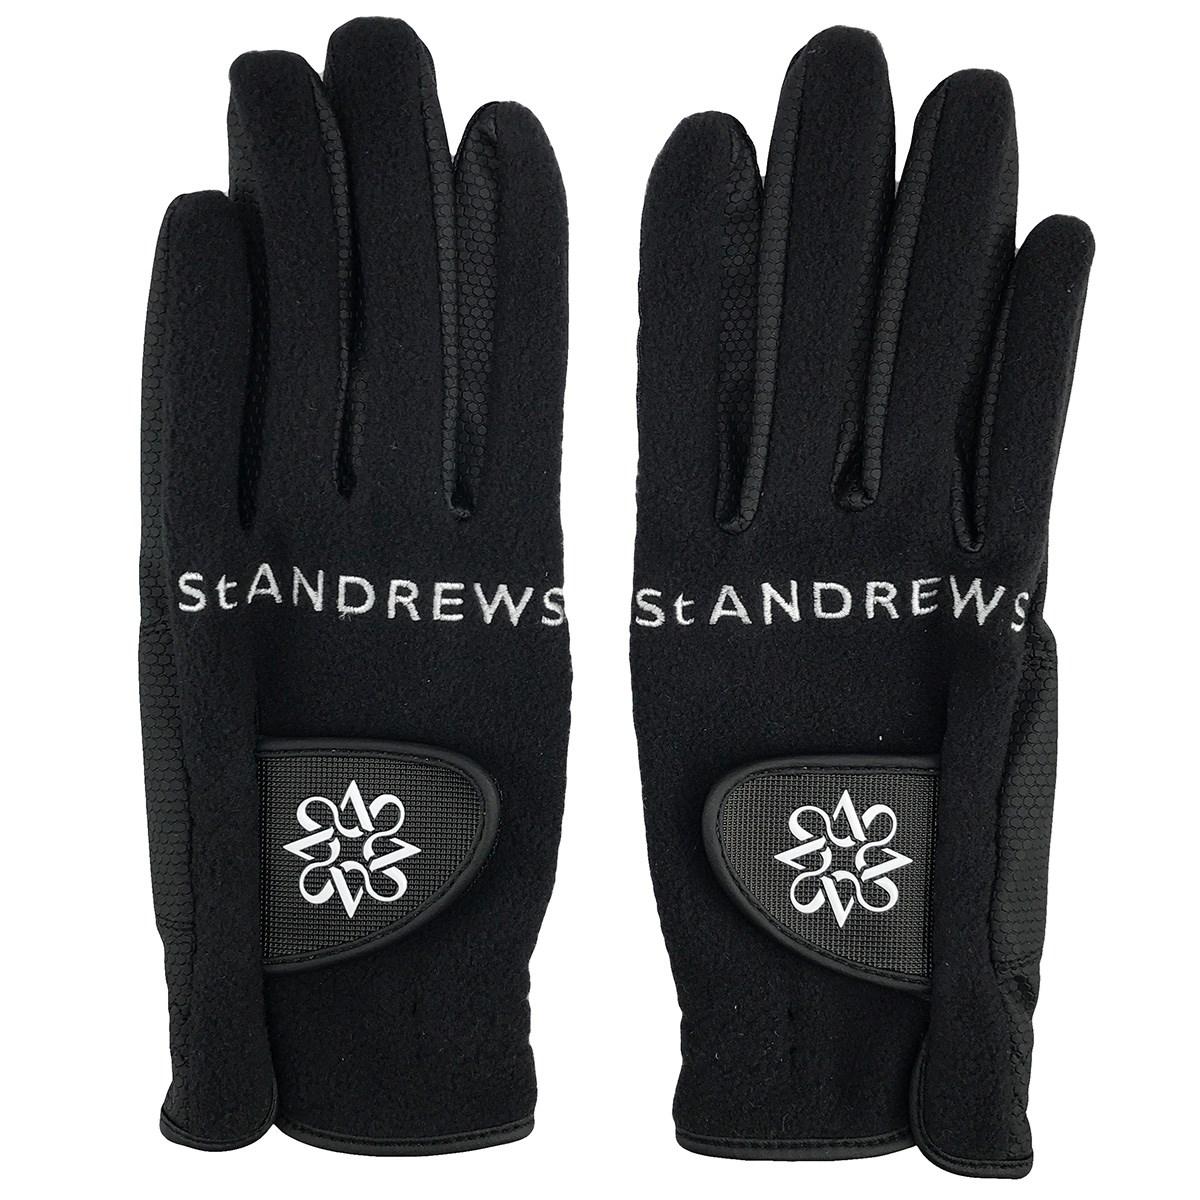 セント・アンドリュース St ANDREWS フリースグローブ 両手用 SS 両手用 ブラック 010